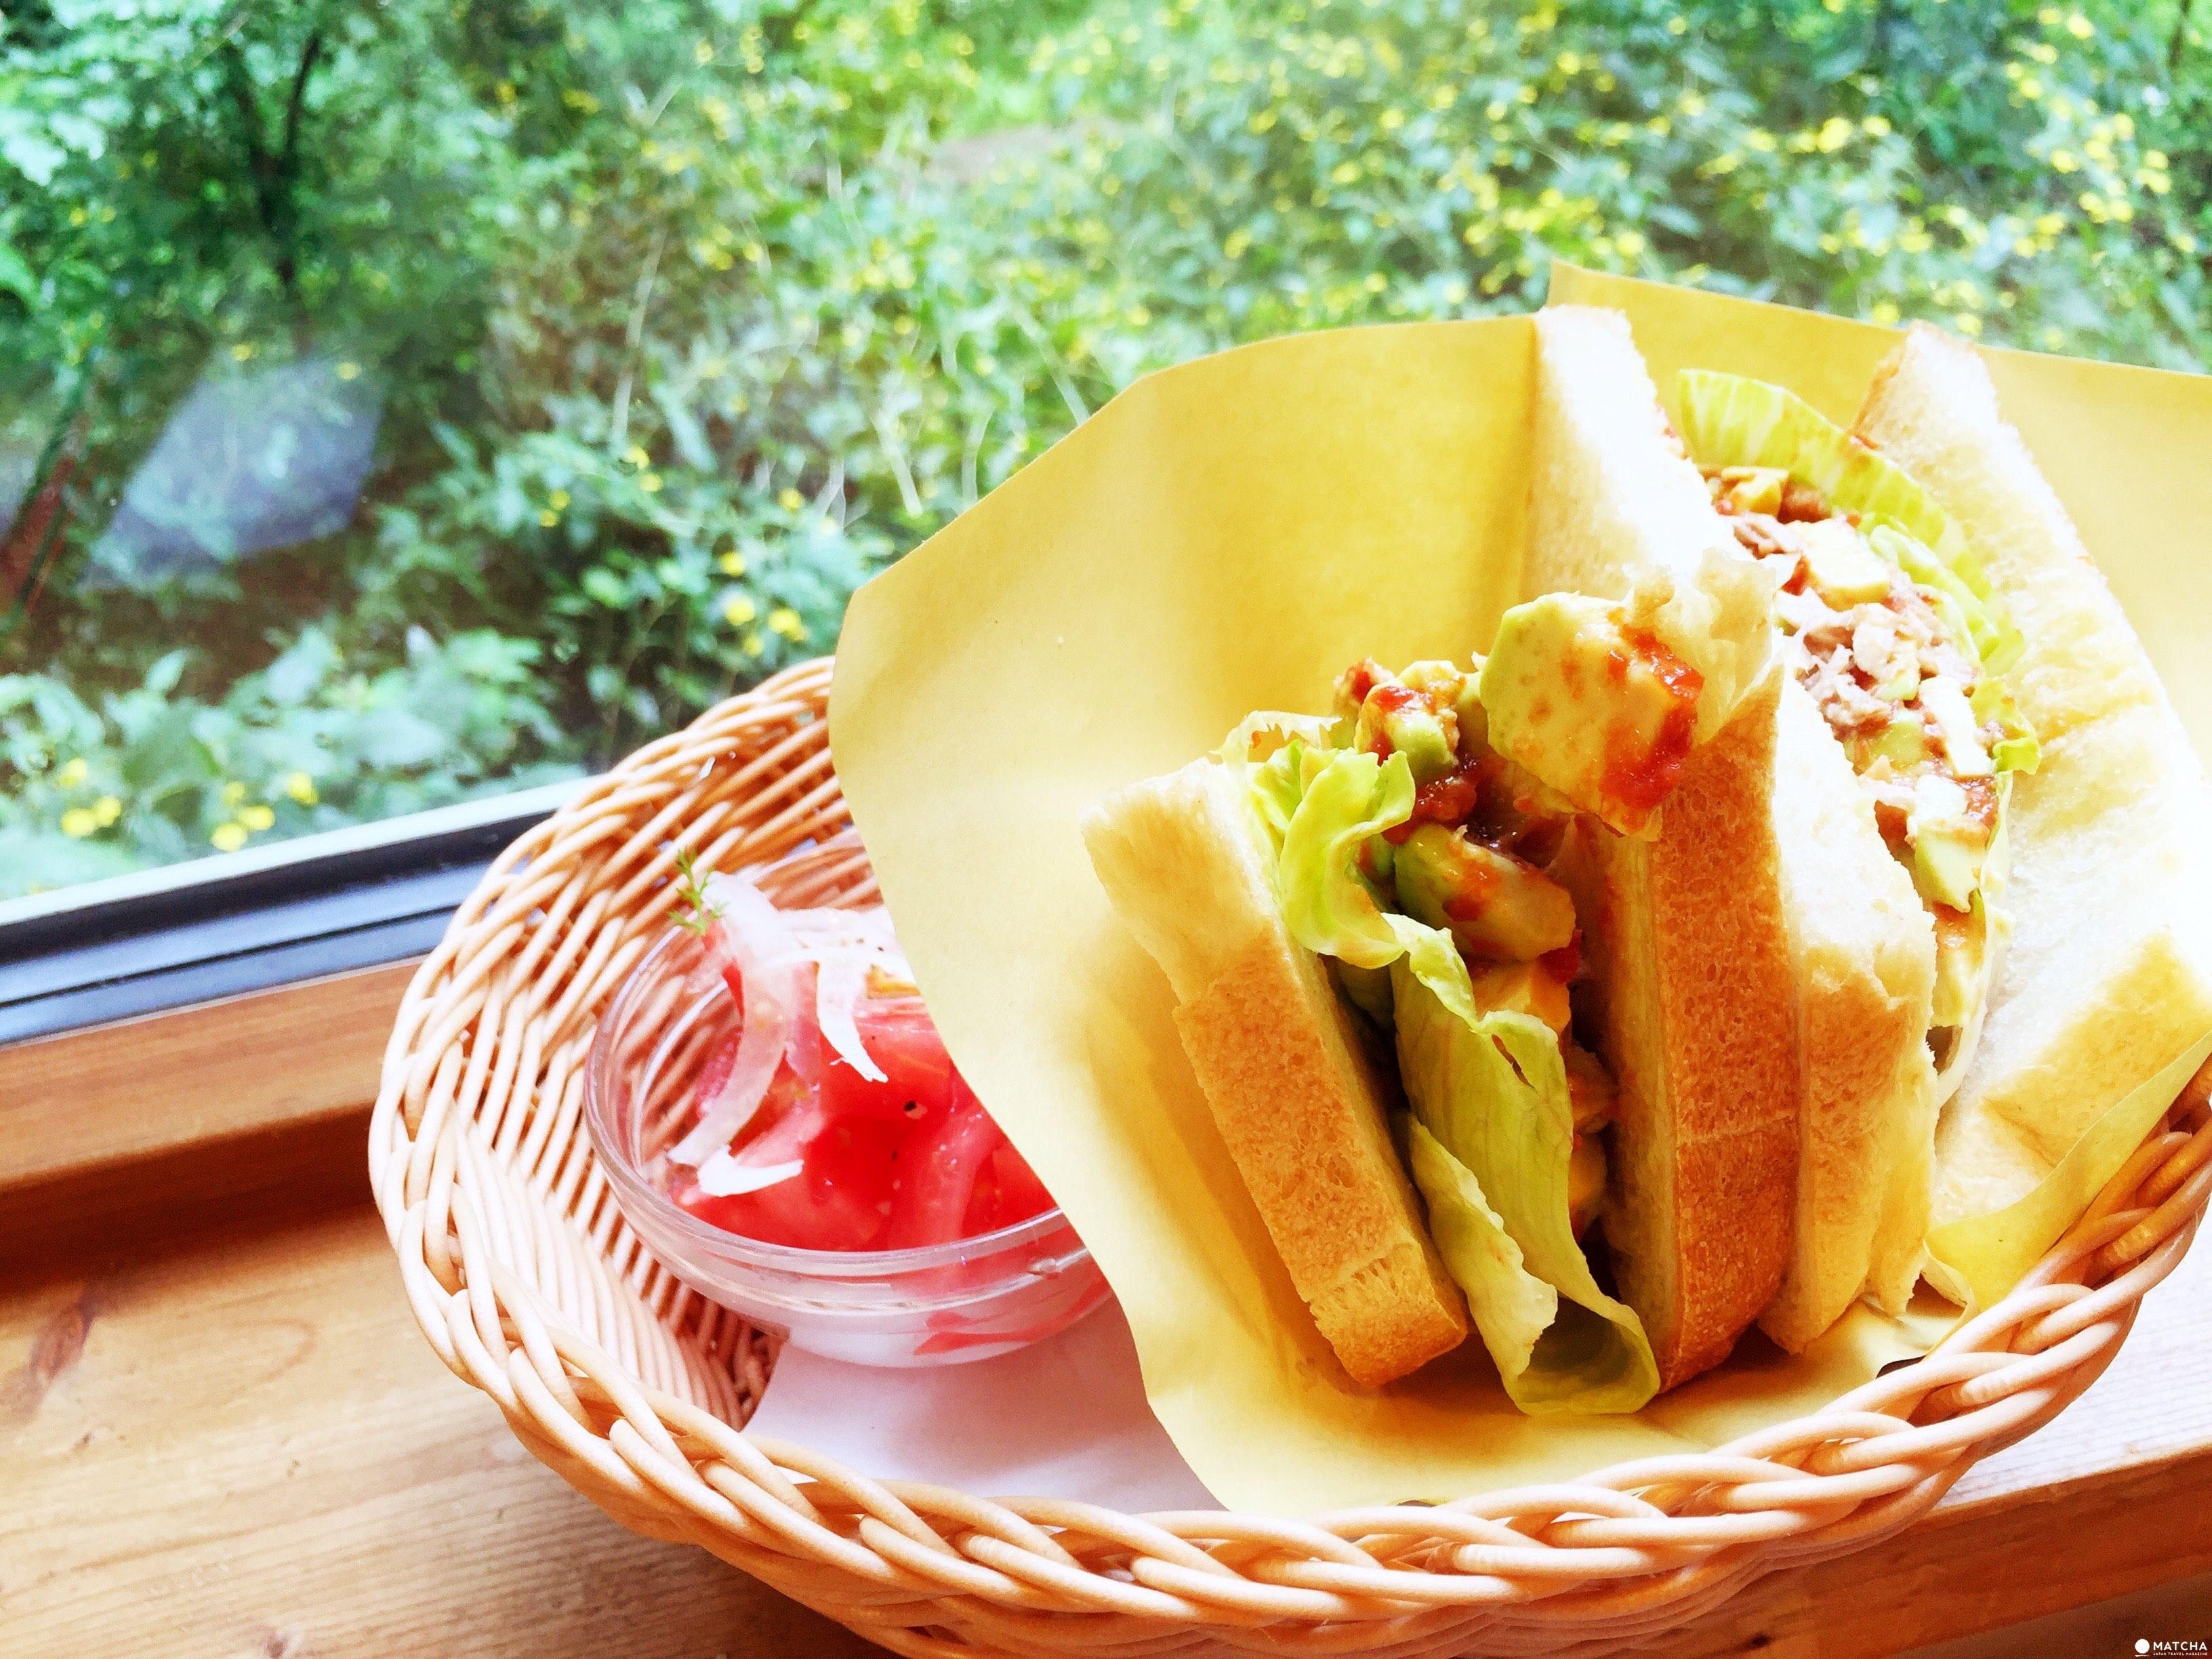 「北海道 美瑛」只要五百元 就能在森林內享受手工漢堡「PICNIC」